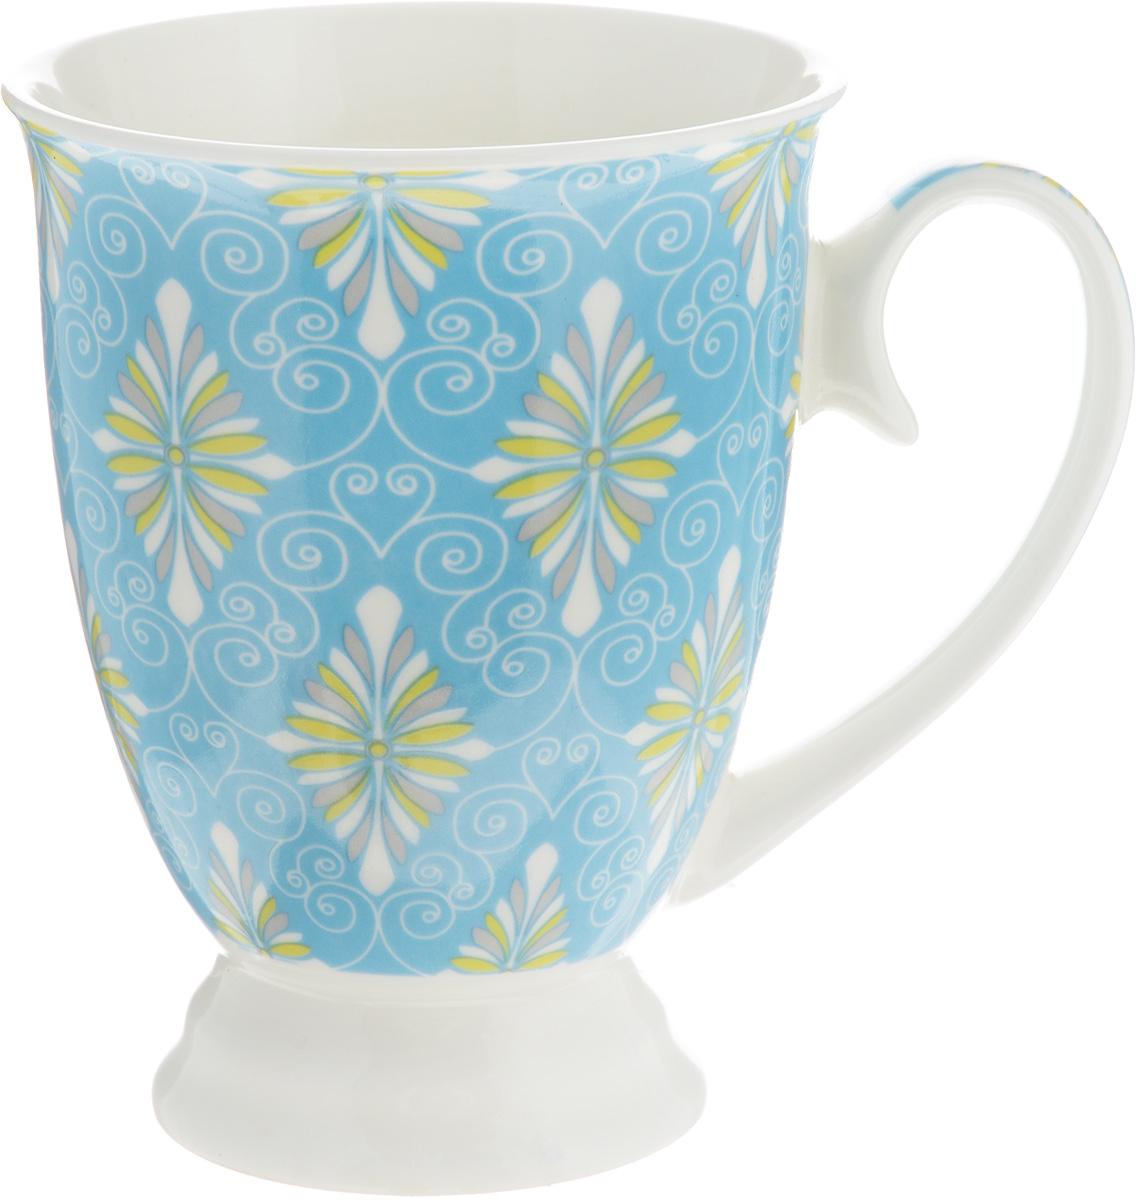 Кружка Lillo Цветочно-ягодный микс, цвет: голубой, 250 мл54 009312Кружка Lillo Цветочно-ягодный микс выполнена из высококачественной керамики с глазурованным покрытием. С внешней стороны изделие декорировано красочным рисунком. Такая кружка станет приятным подарком и согреет вас холодными вечерами. Диаметр (по верхнему краю): 8 см.Высота кружки: 10,5 см.